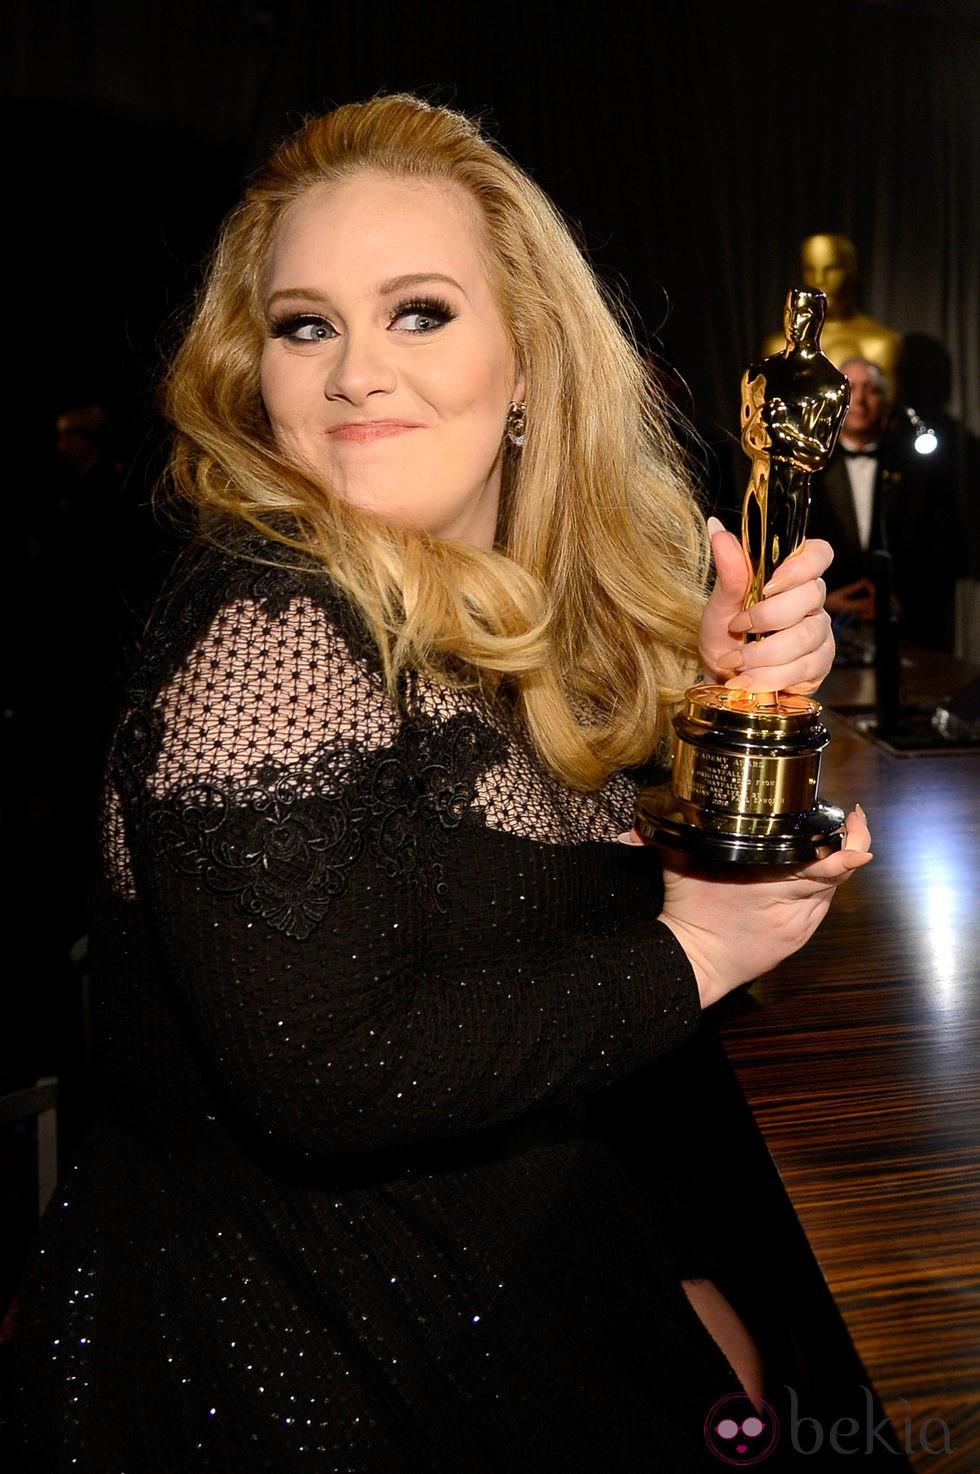 Fotos De Adele En La Actualidad : fotos, adele, actualidad, Adele, Presume, Oscar, Fiesta, Governors, Adele,, Cantante, Récord, Bekia, Actualidad